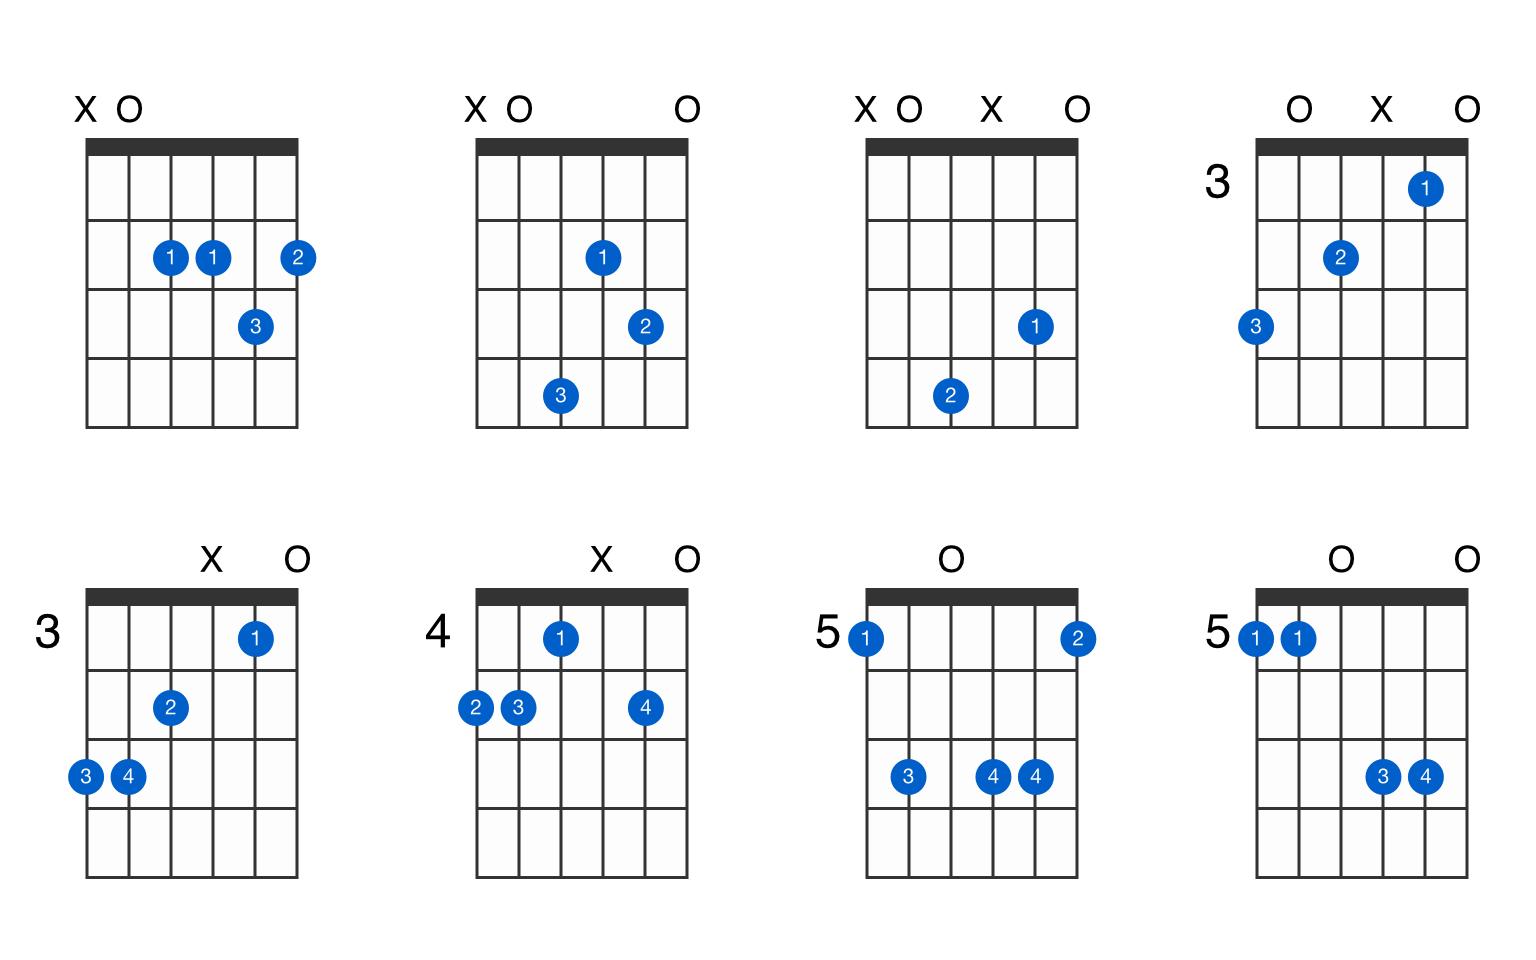 A15 suspended 15th guitar chord   GtrLib Chords